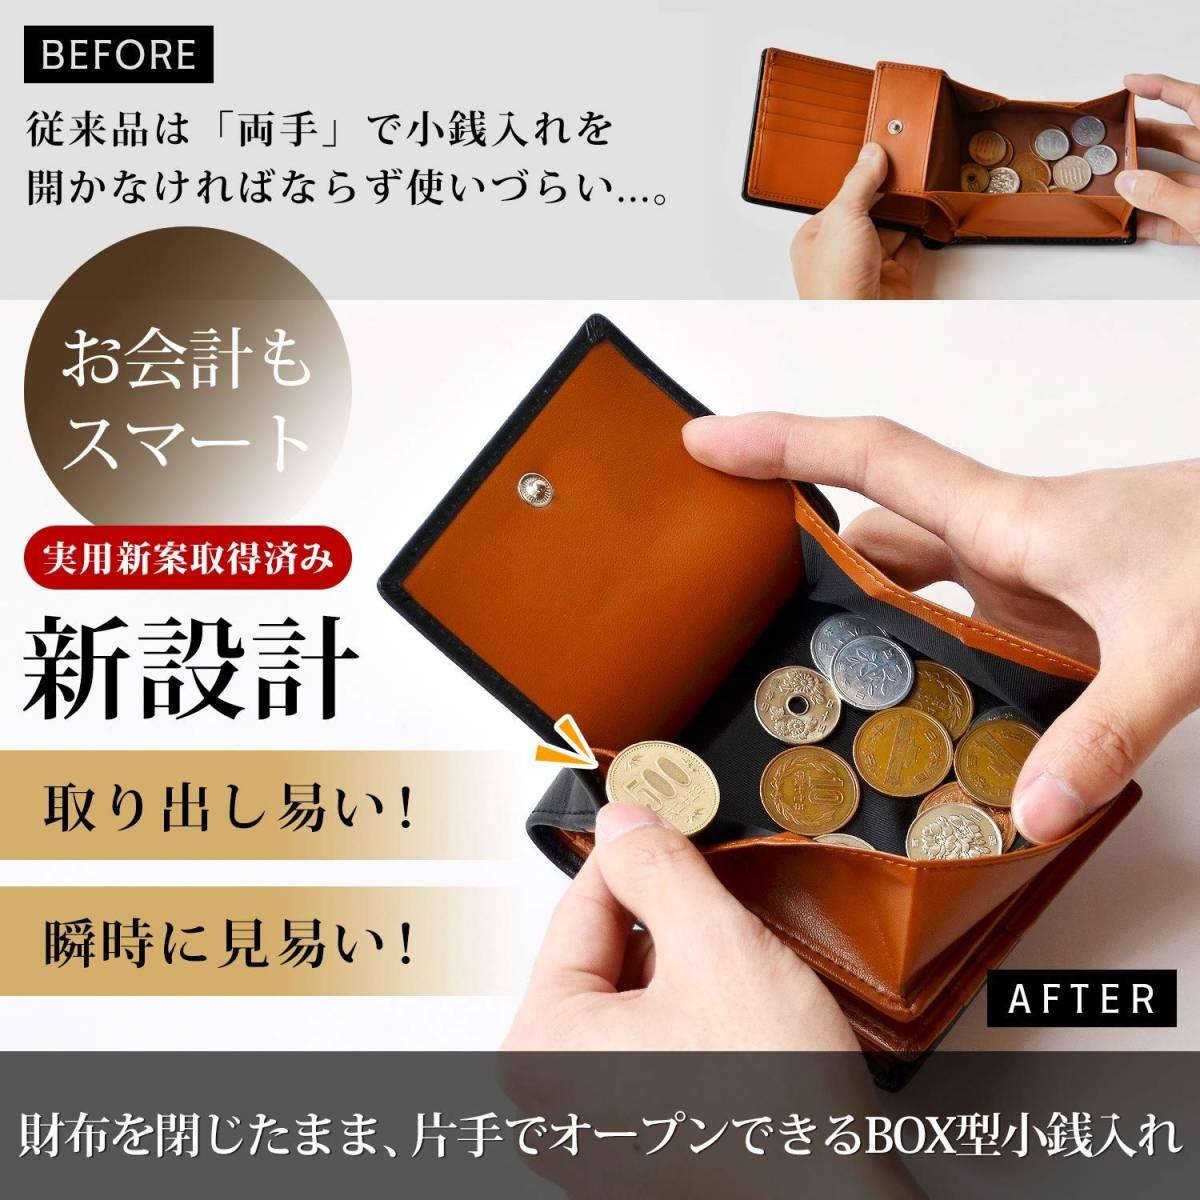 【送料無料】 [Le sourire] 二つ折り 財布 カード18枚収納 ボックス型小銭入れ 本革 メンズ ブラック ブラウン 黒 茶色_画像5